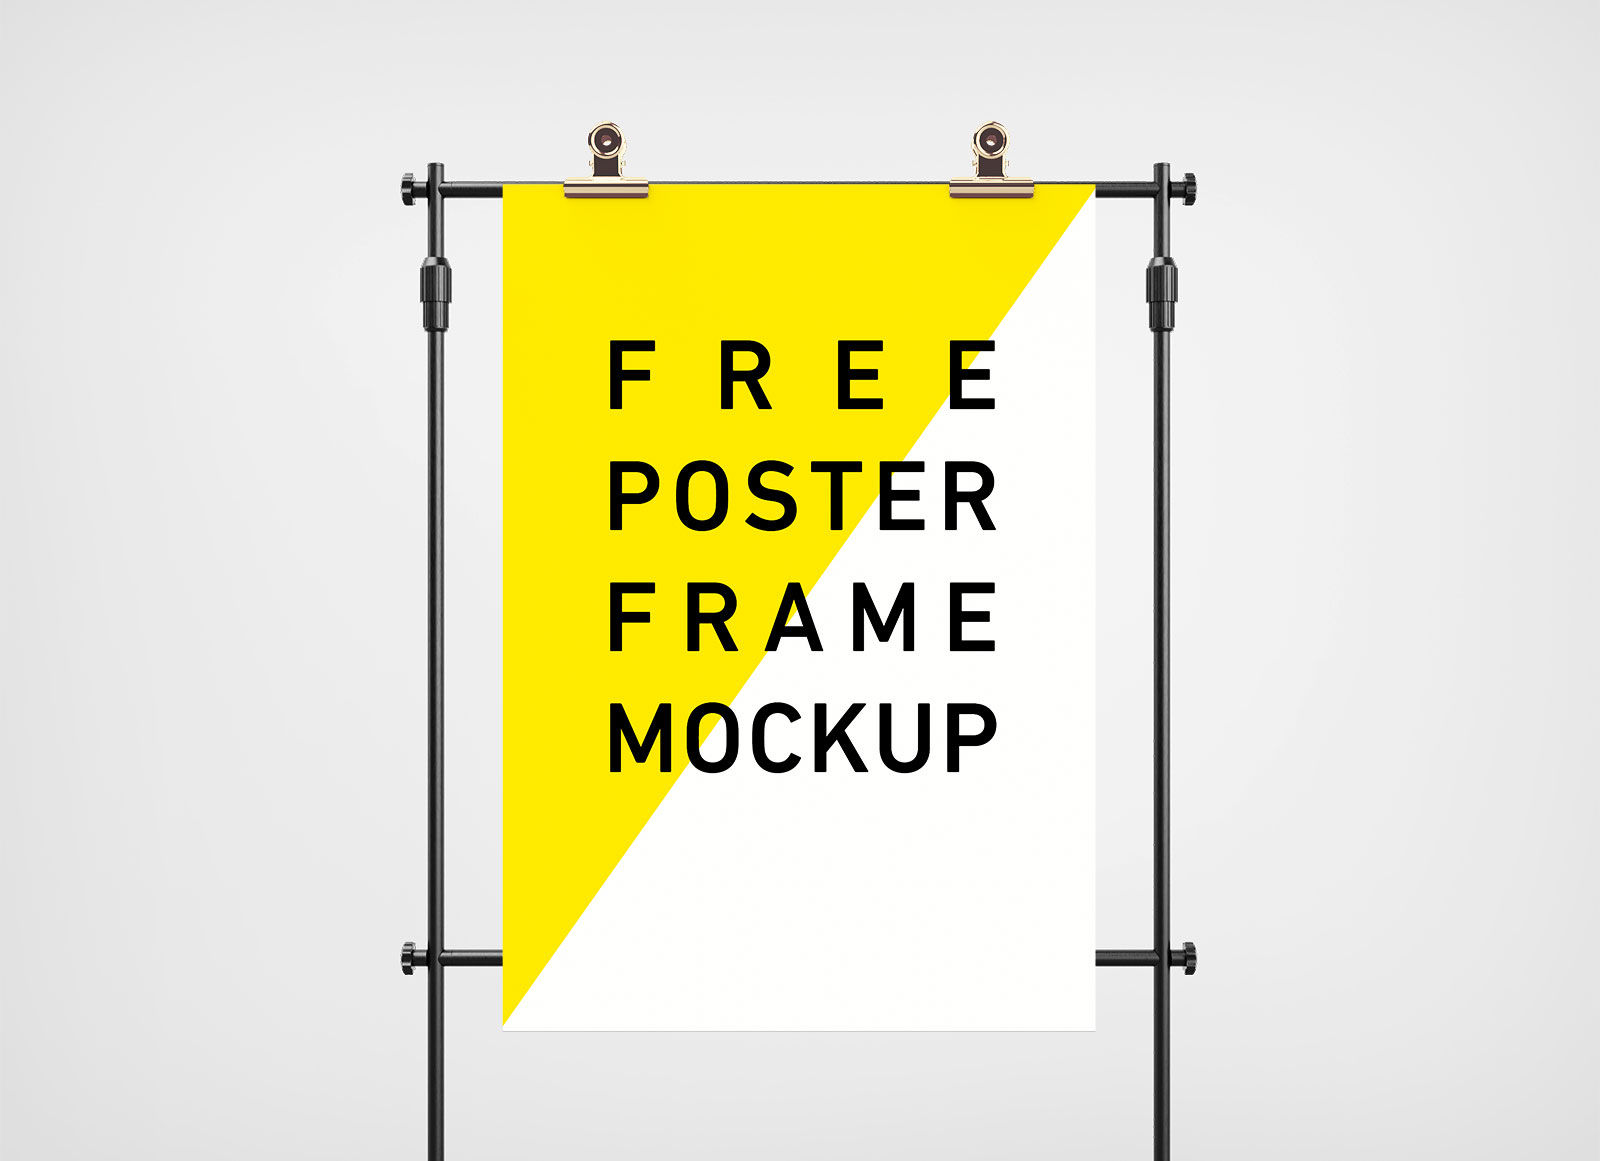 Free-Poster-Frame-Mockup-PSD-Set-3